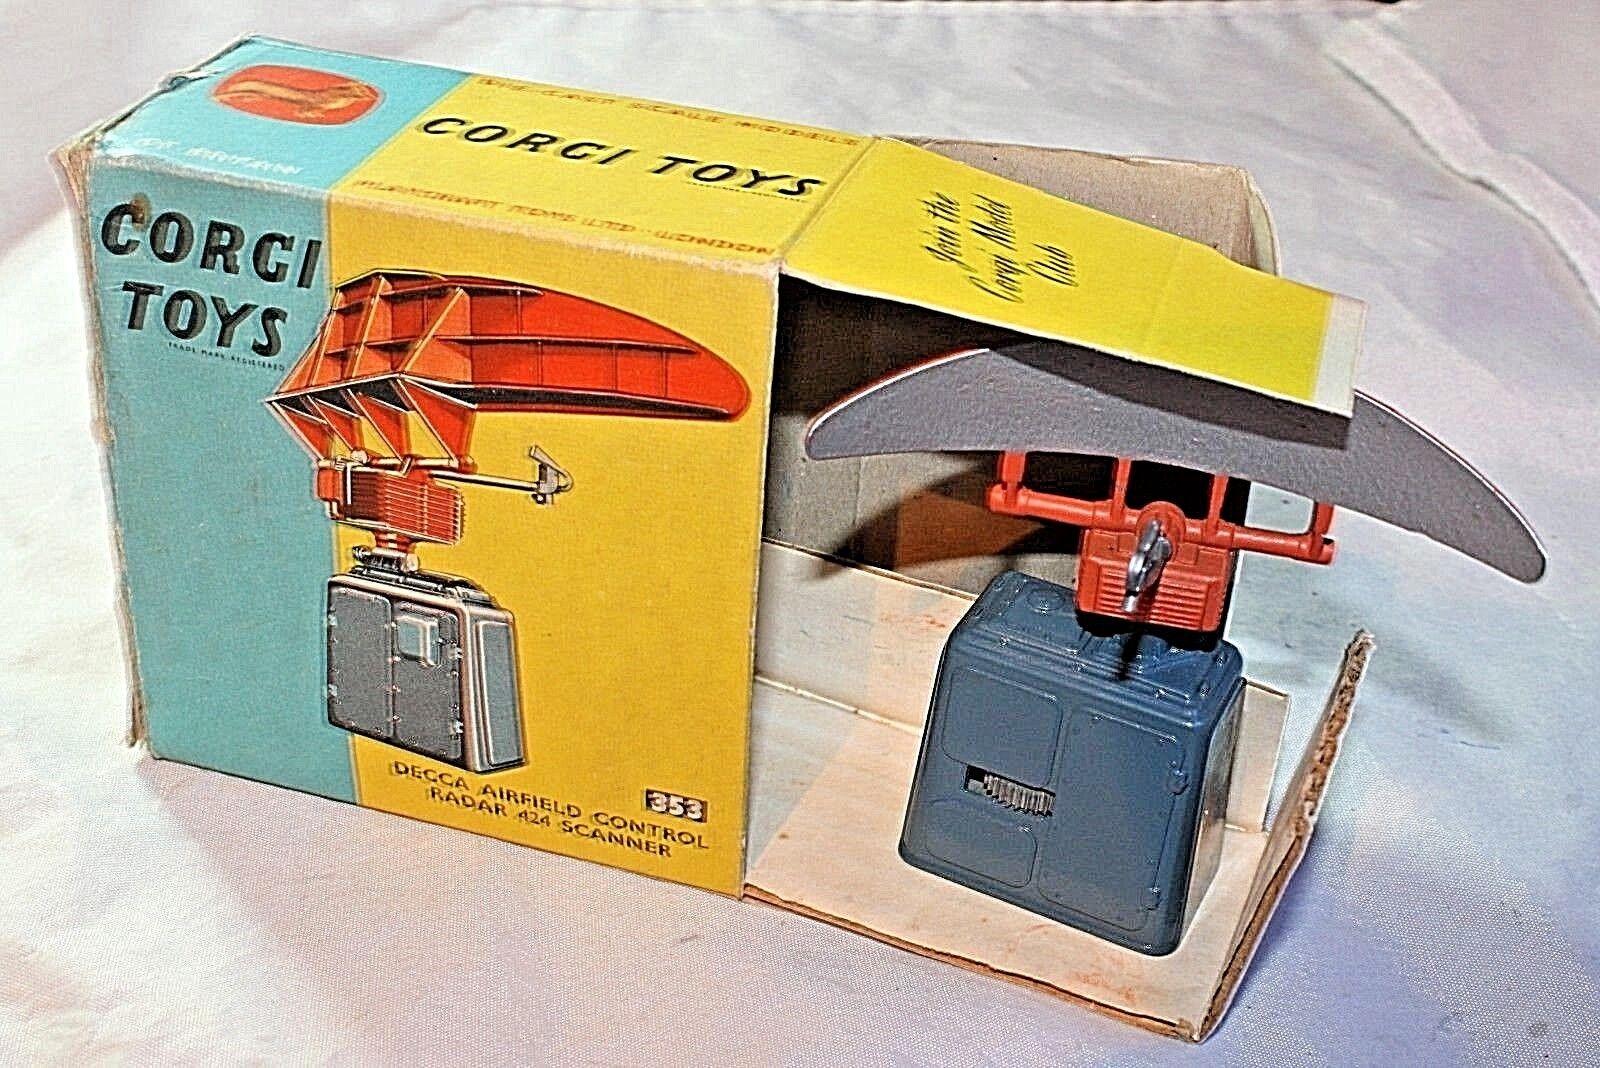 Corgi R A F escáner, Excelente En Caja Original con pieza de embalaje